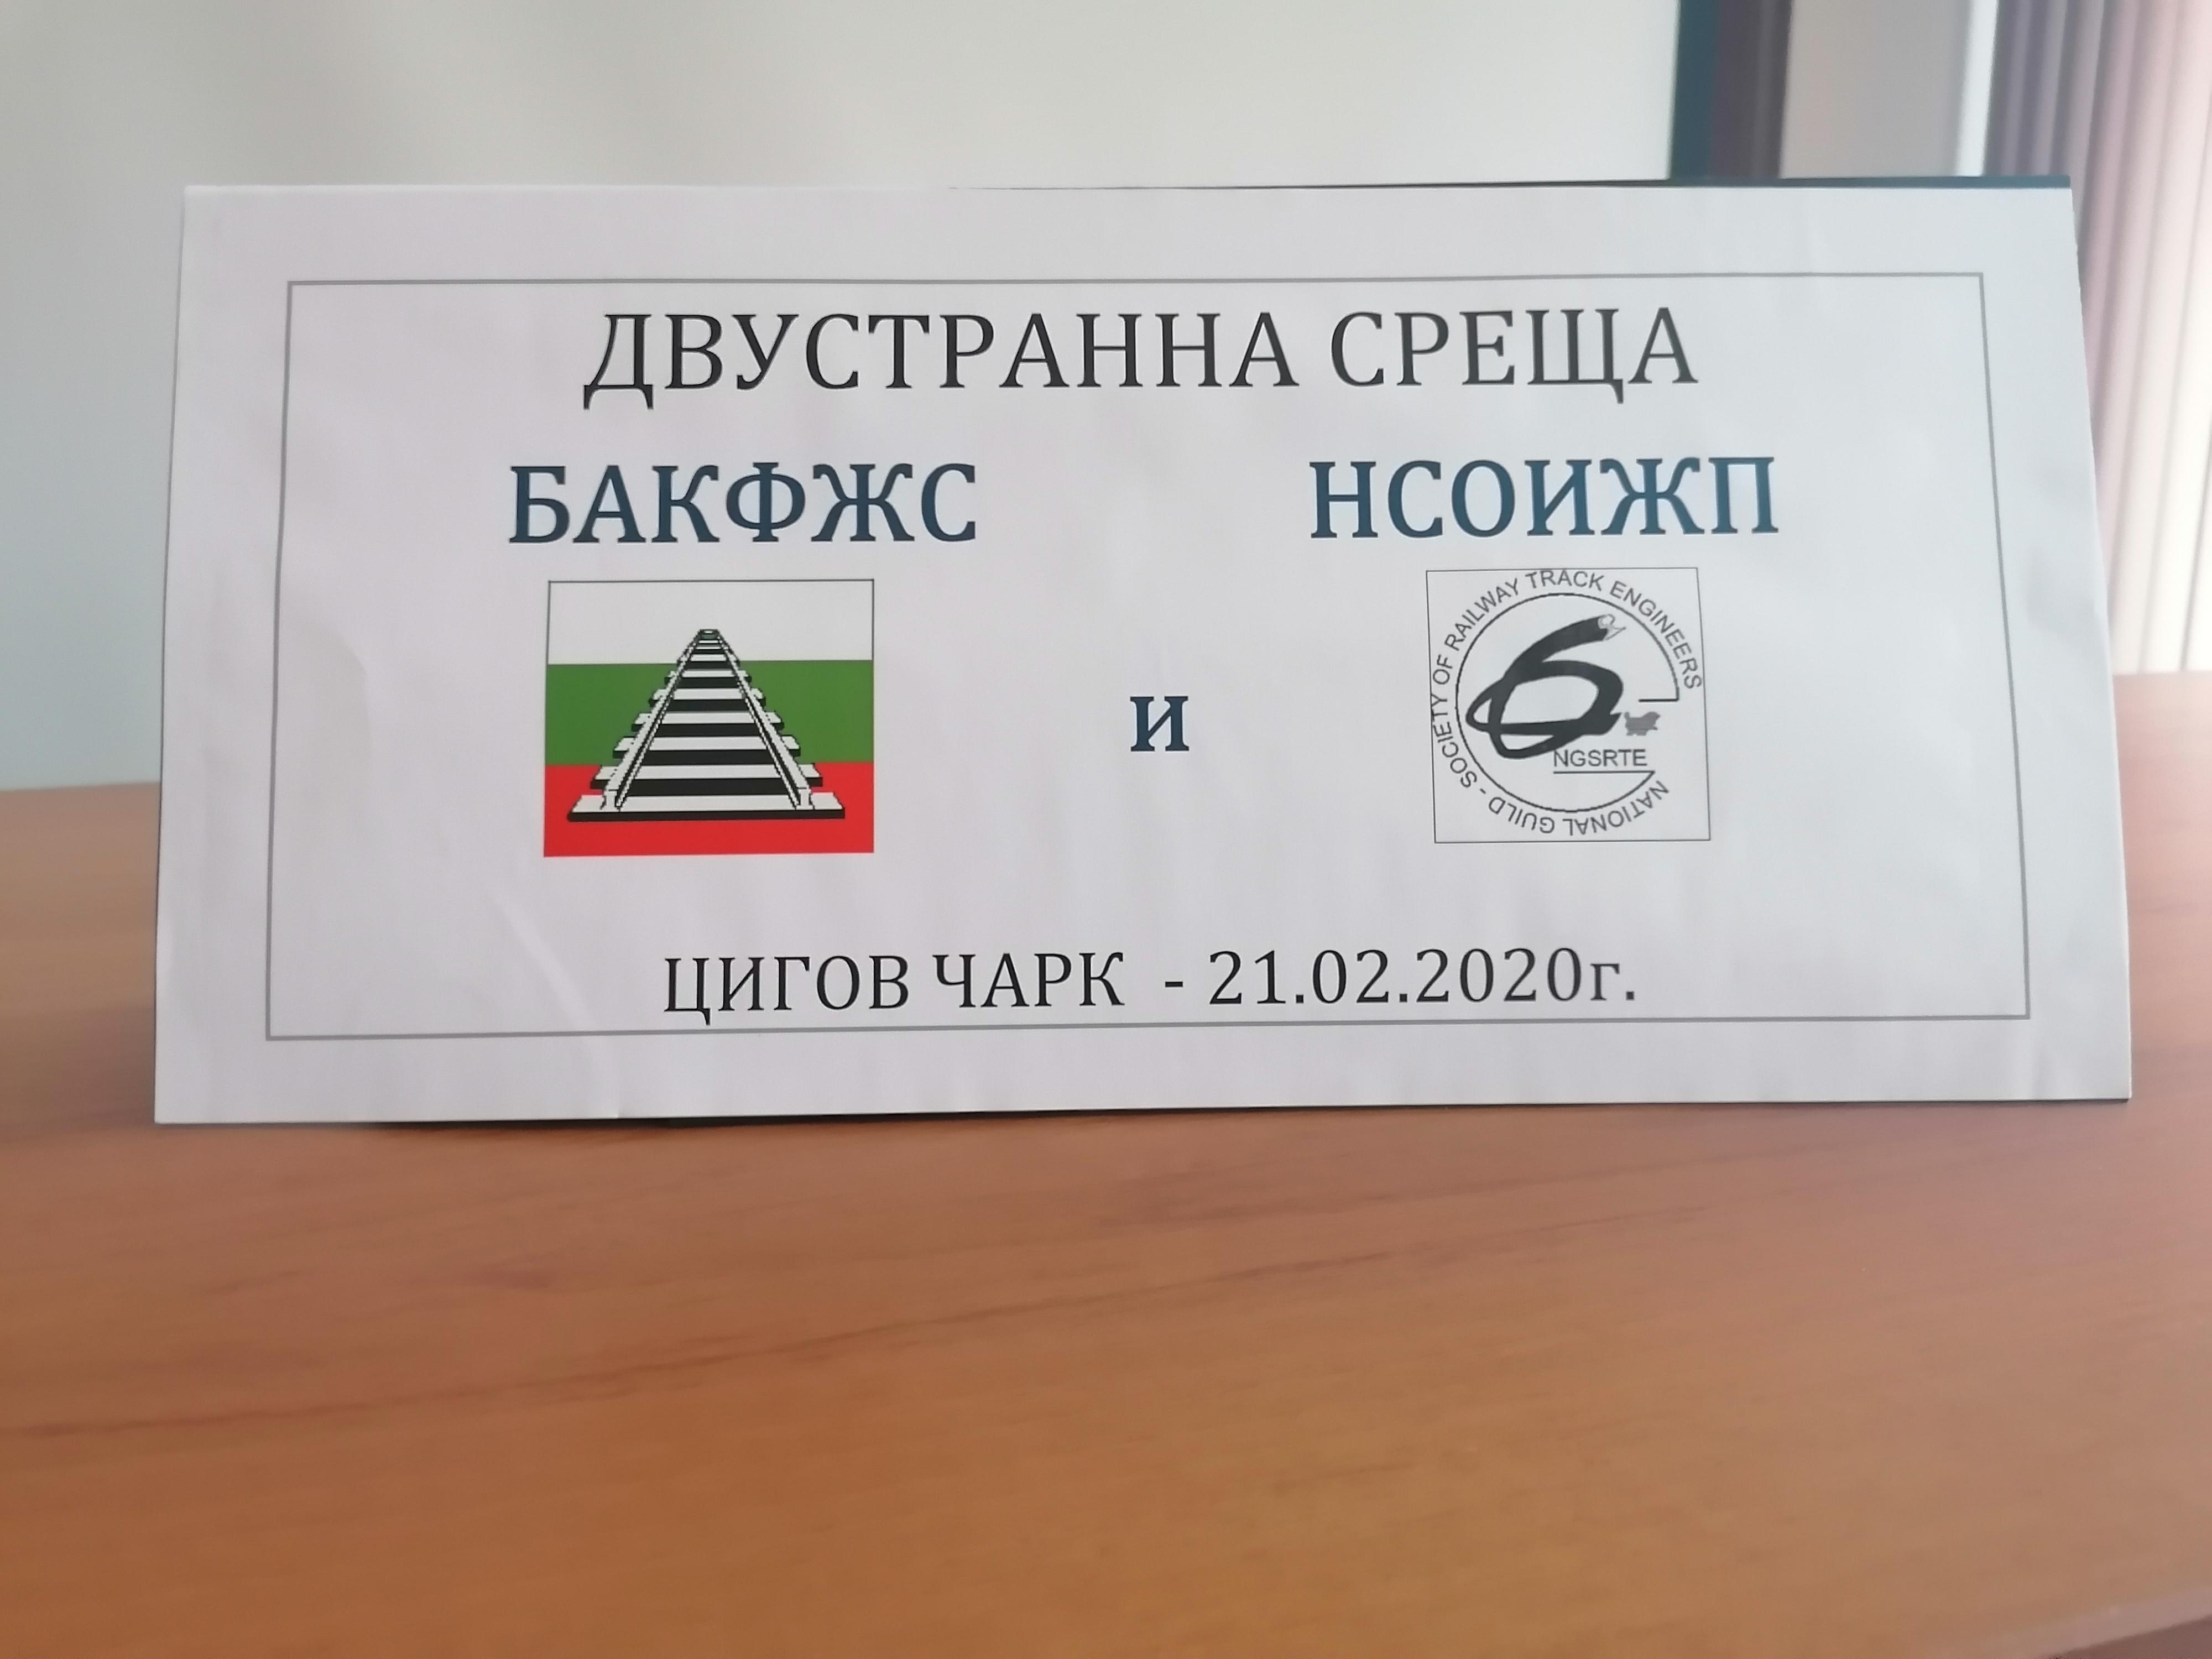 Двустранна среща на представители на БАКФЖС и НСОИЖП